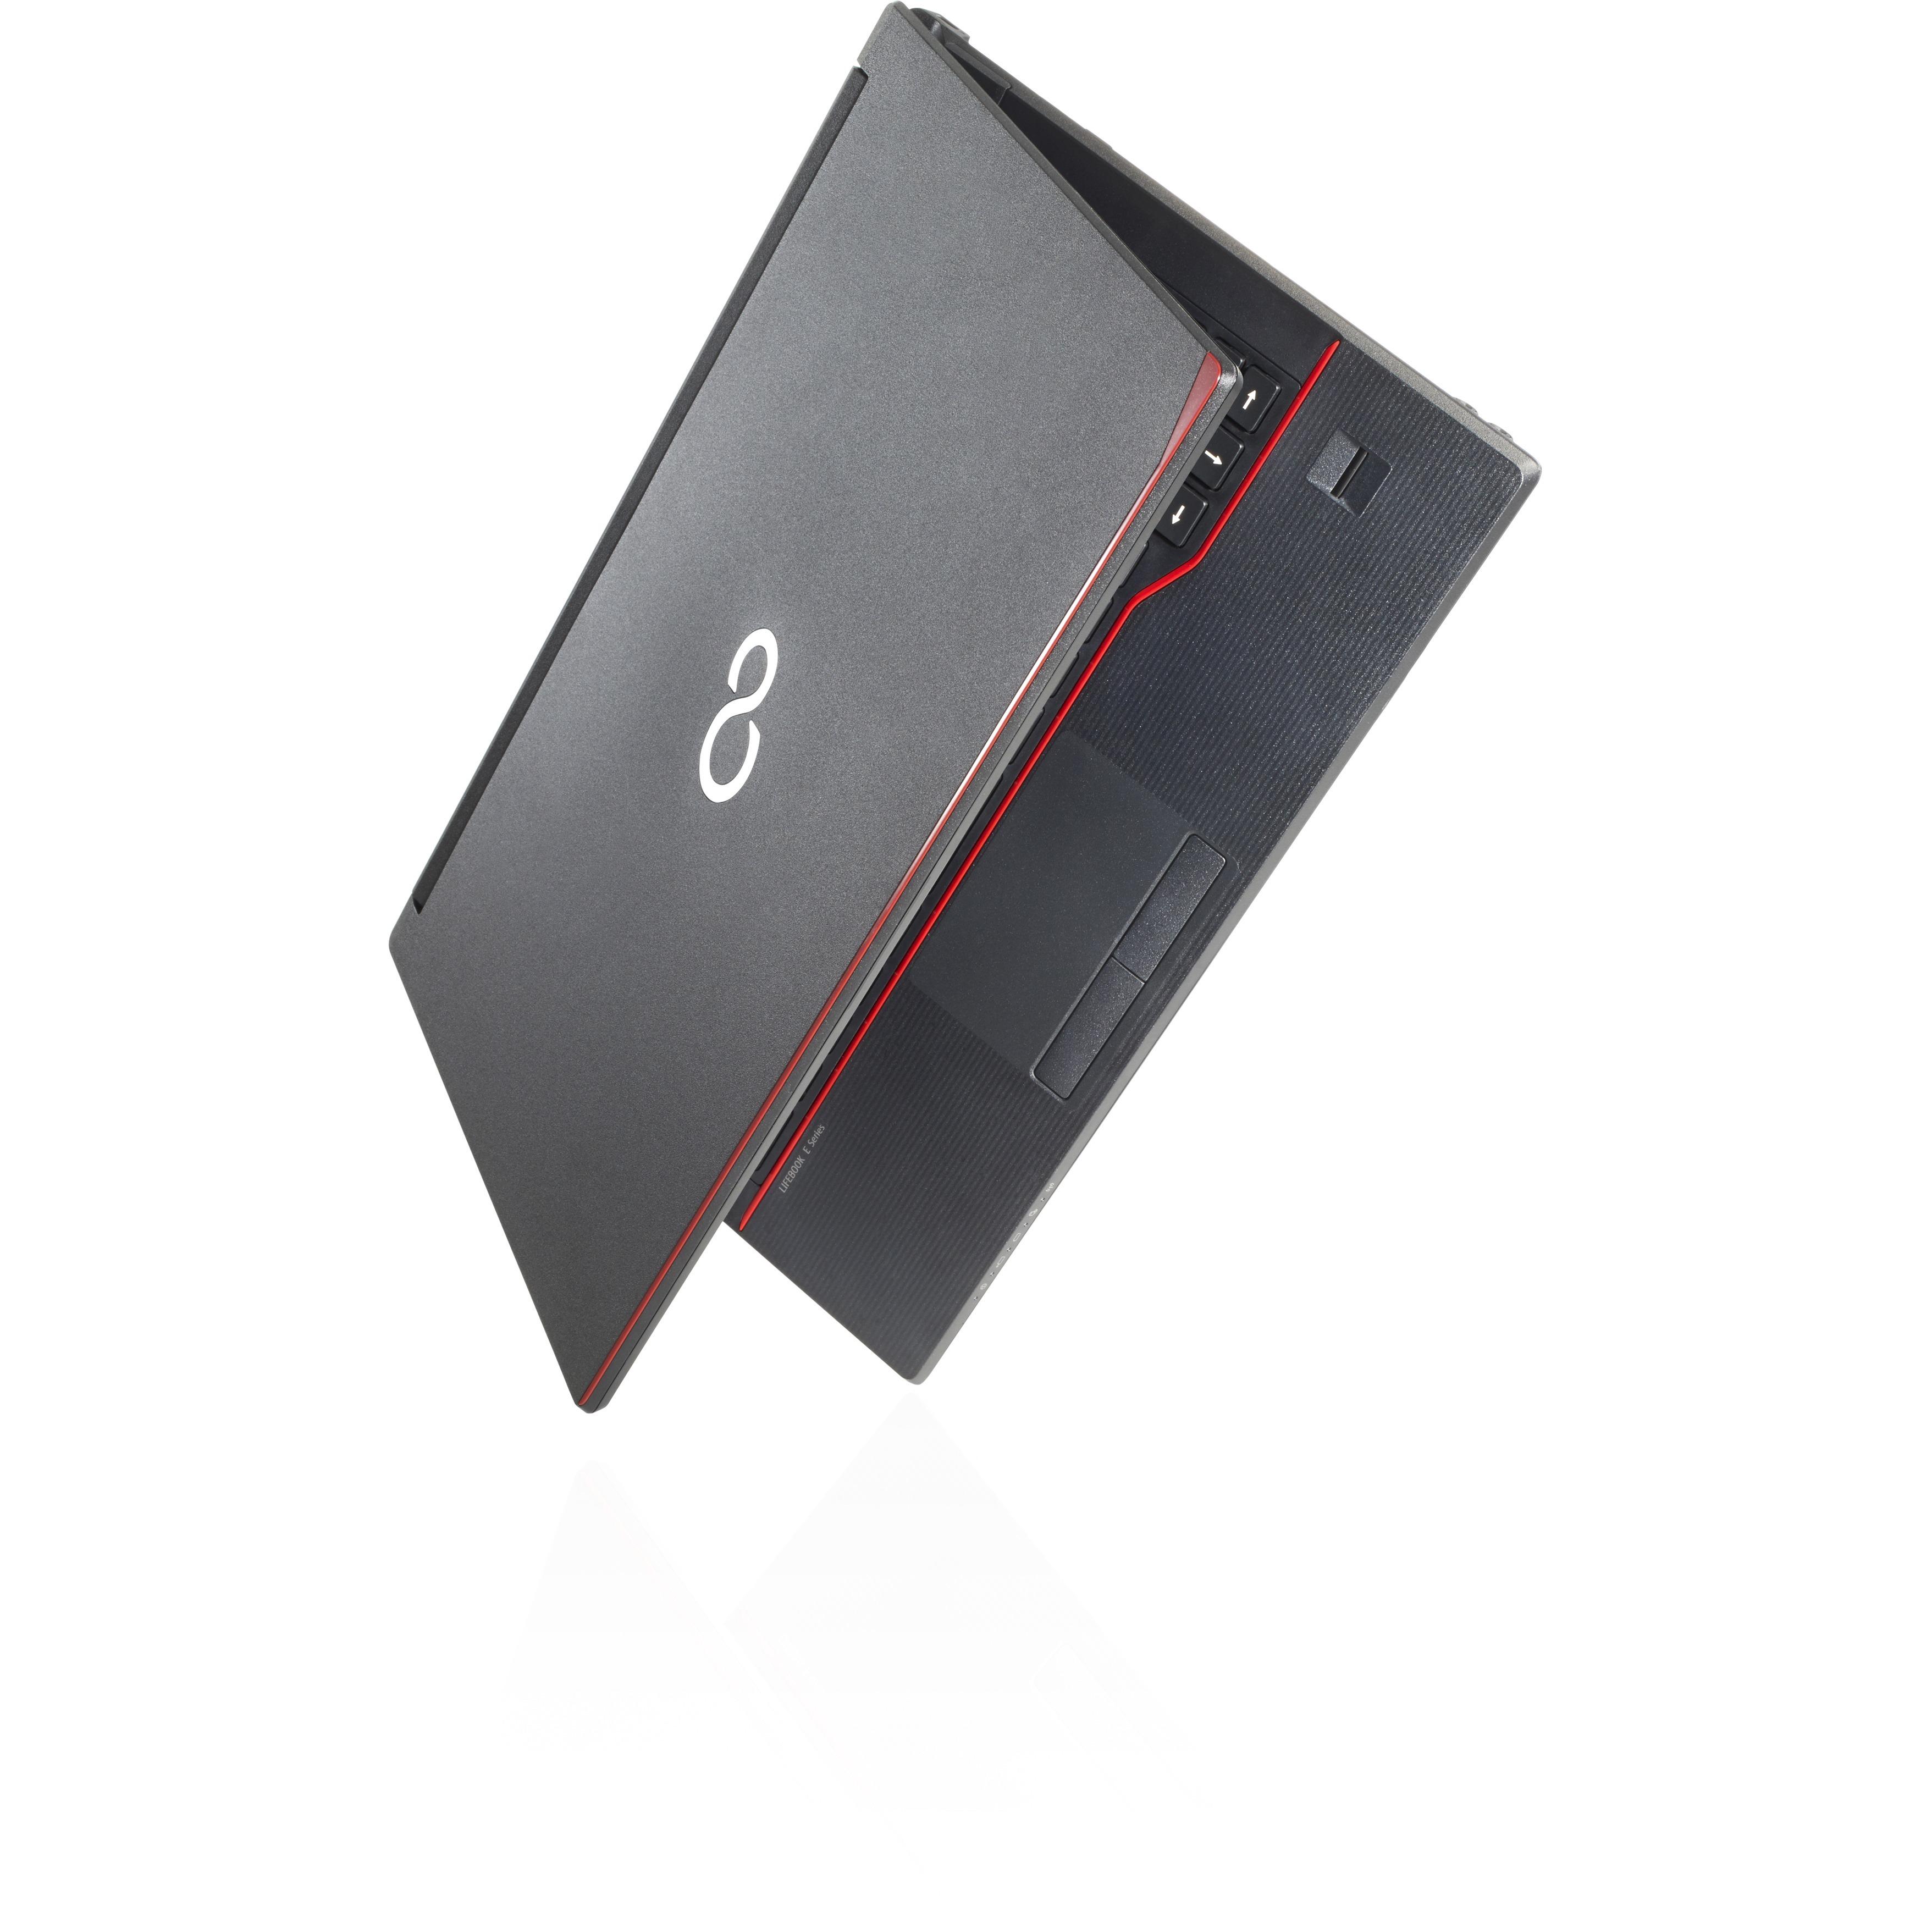 Fujitsu LIFEBOOK E547 35.6 cm 14inch LCD Notebook - Intel Core i5 7th Gen i5-7200U Dual-core 2 Core 2.50 GHz - 4 GB DDR4 SDRAM - 128 GB SSD - Windows 10 Pro 64-bi